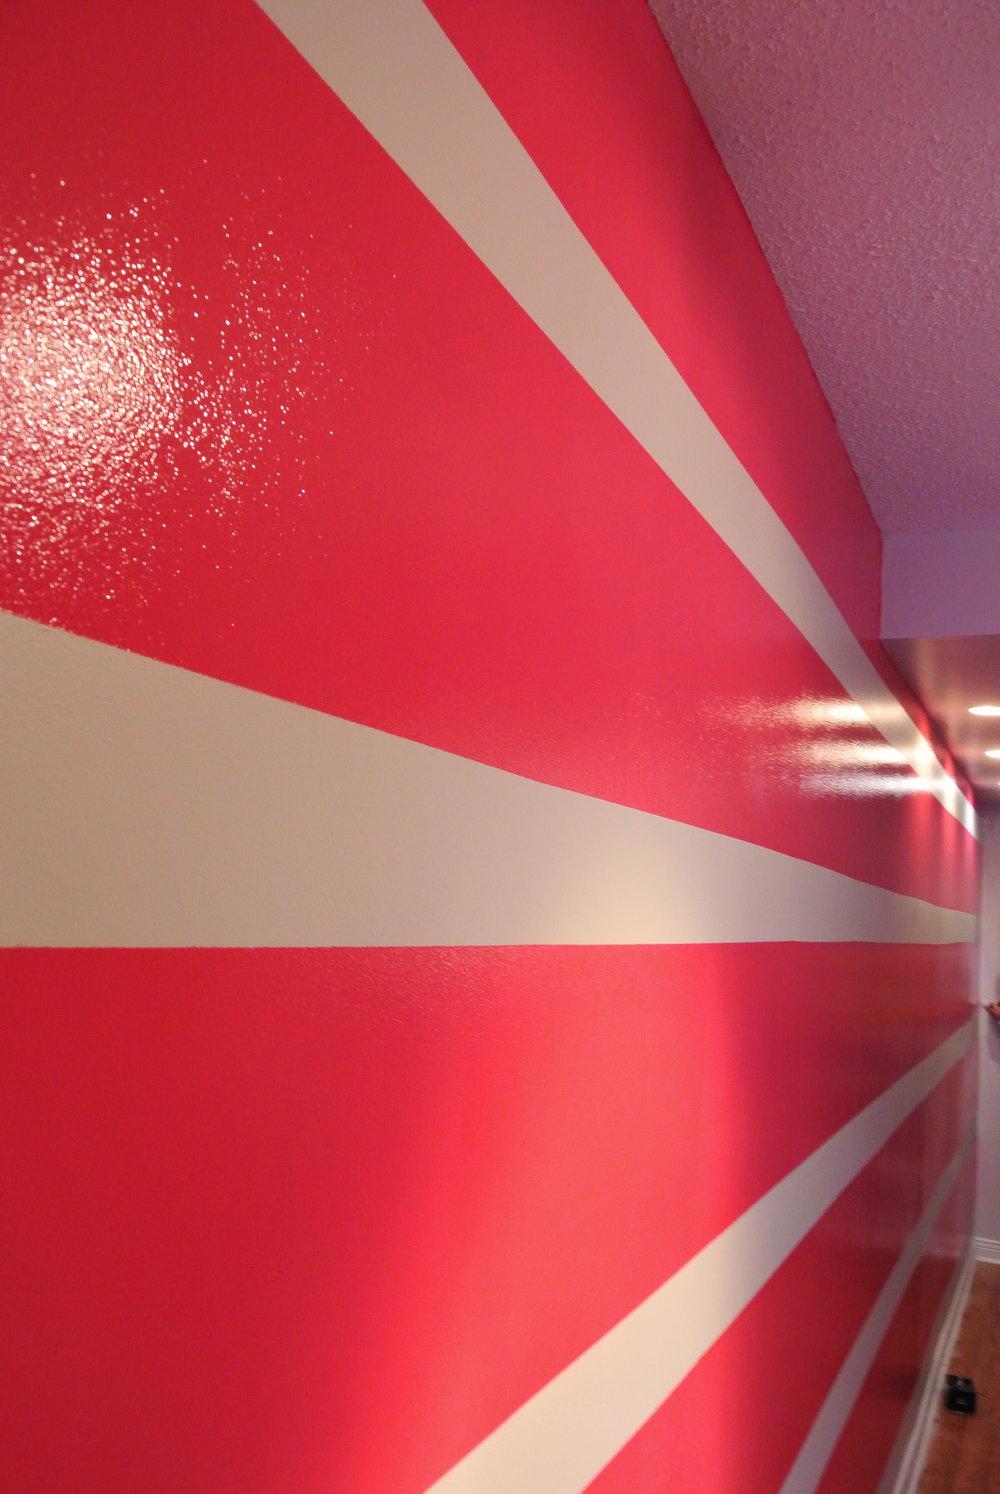 001 1 pink lines.jpg